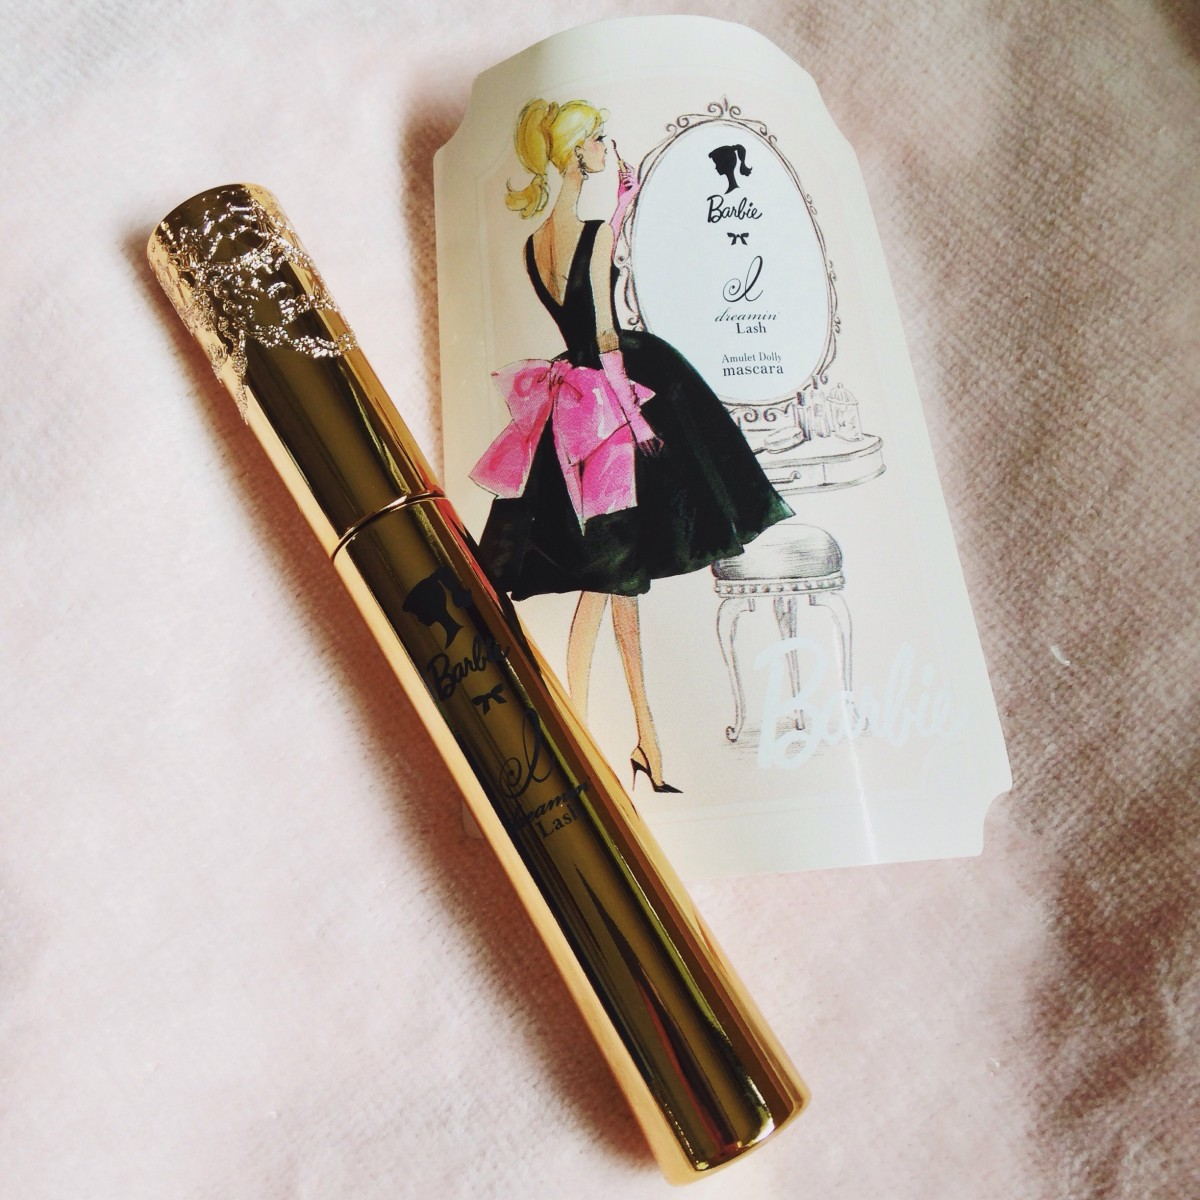 かわいすぎるバービー×ドリーミンラッシュ Amulet Dolly mascara